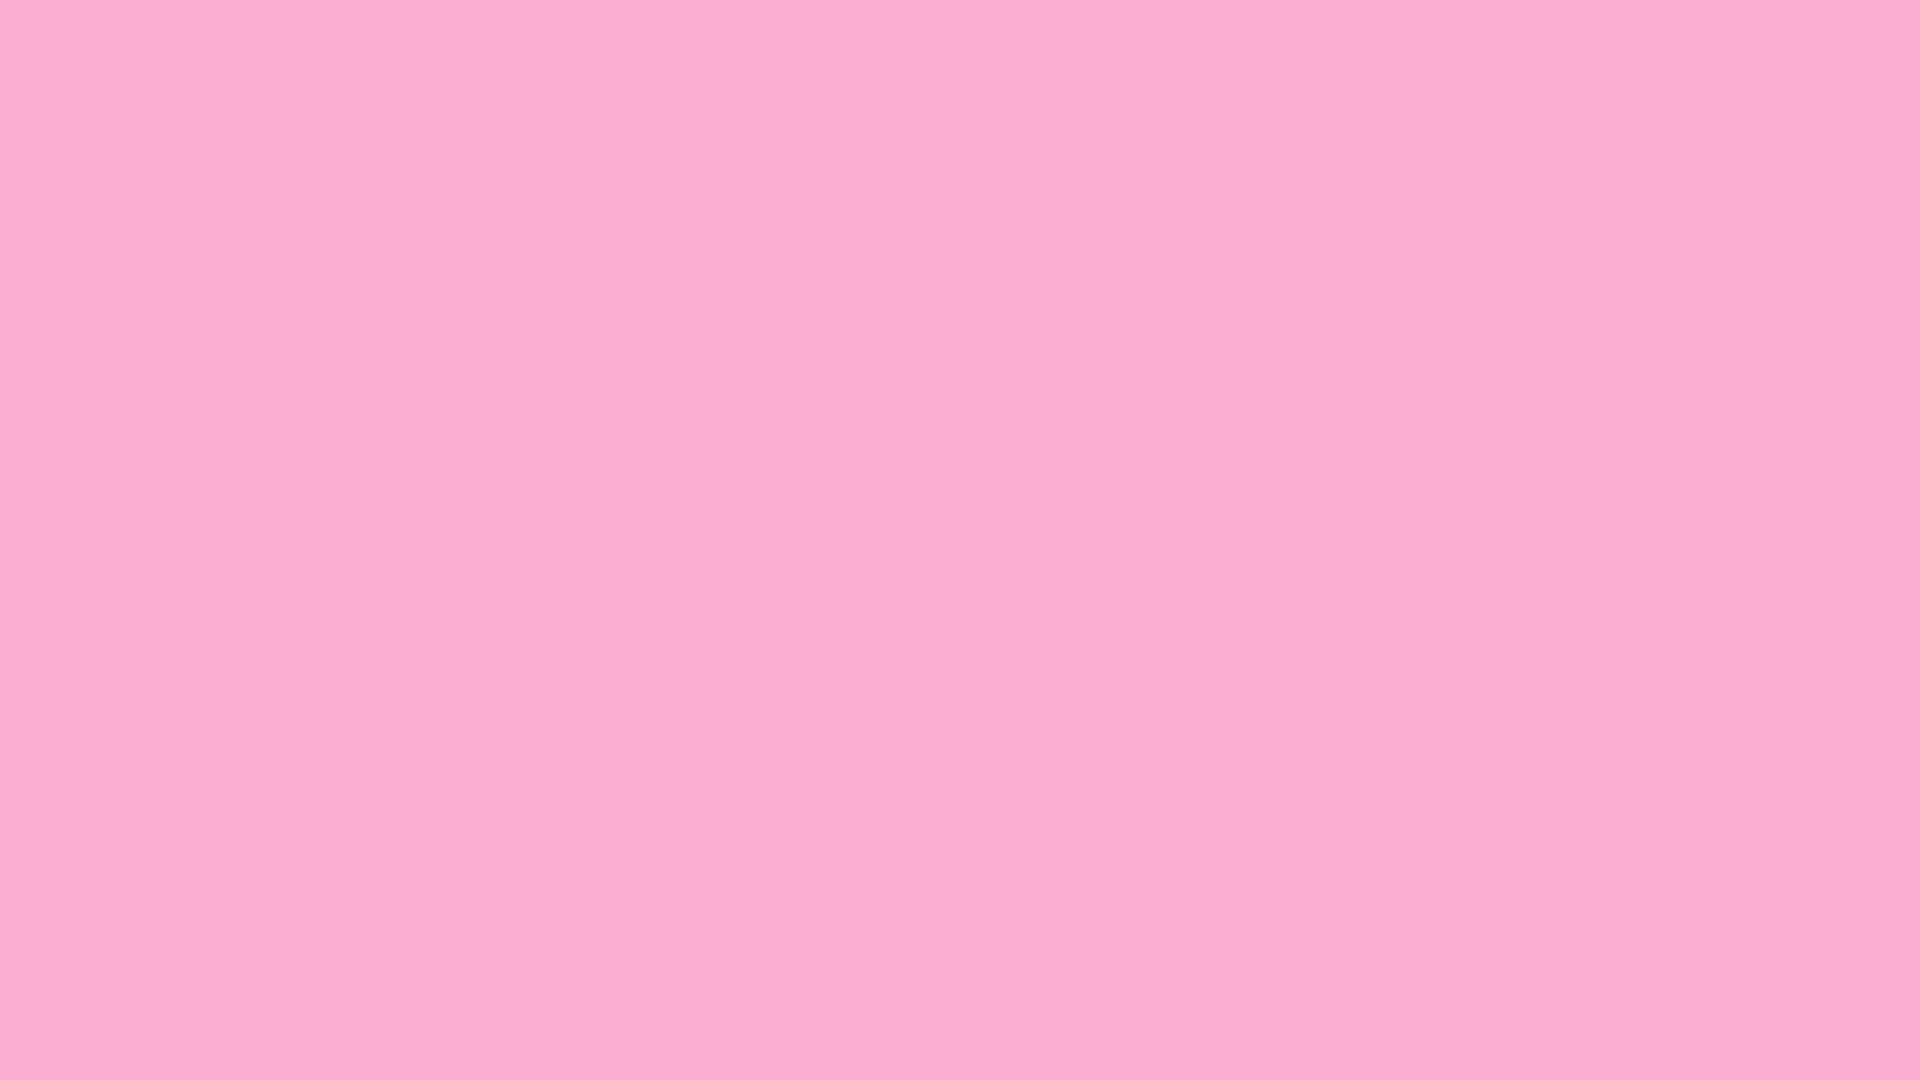 1920x1080 Lavender Pink Solid Color Background